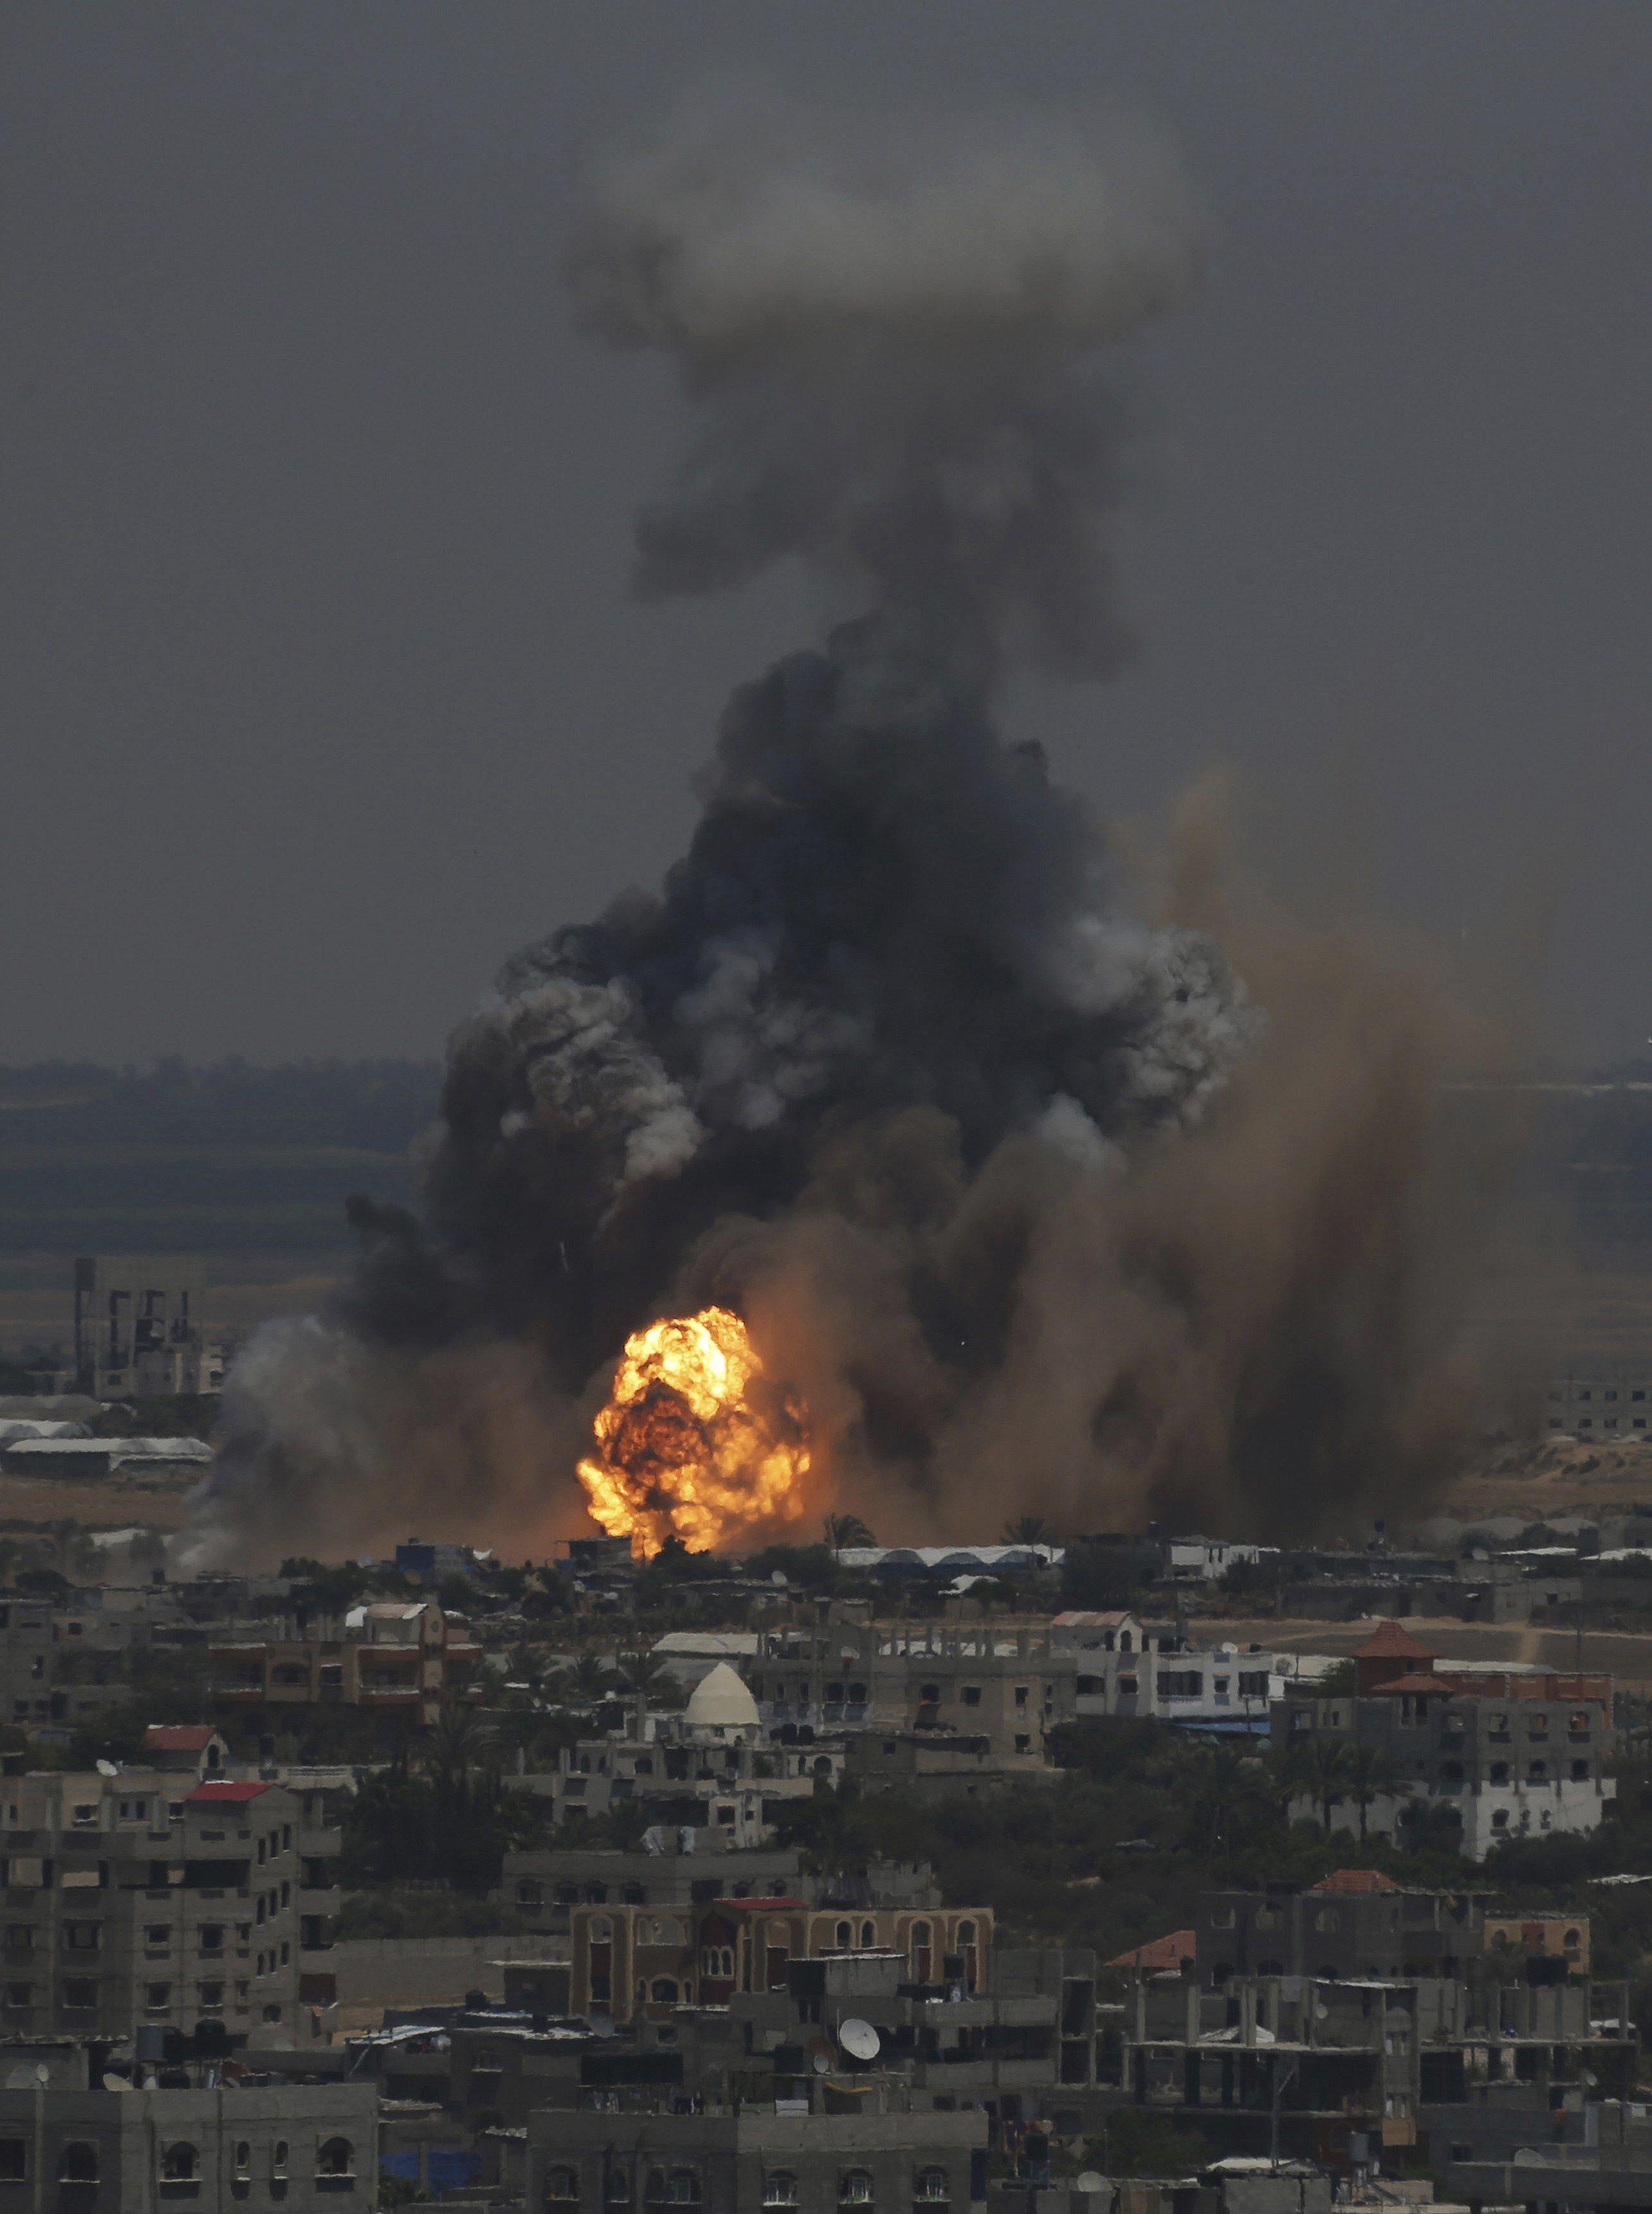 В ответ на массовые ракетные пуски из Сектора Газа по позициям ХАМАС прошлись ВВС ЦАХАЛа